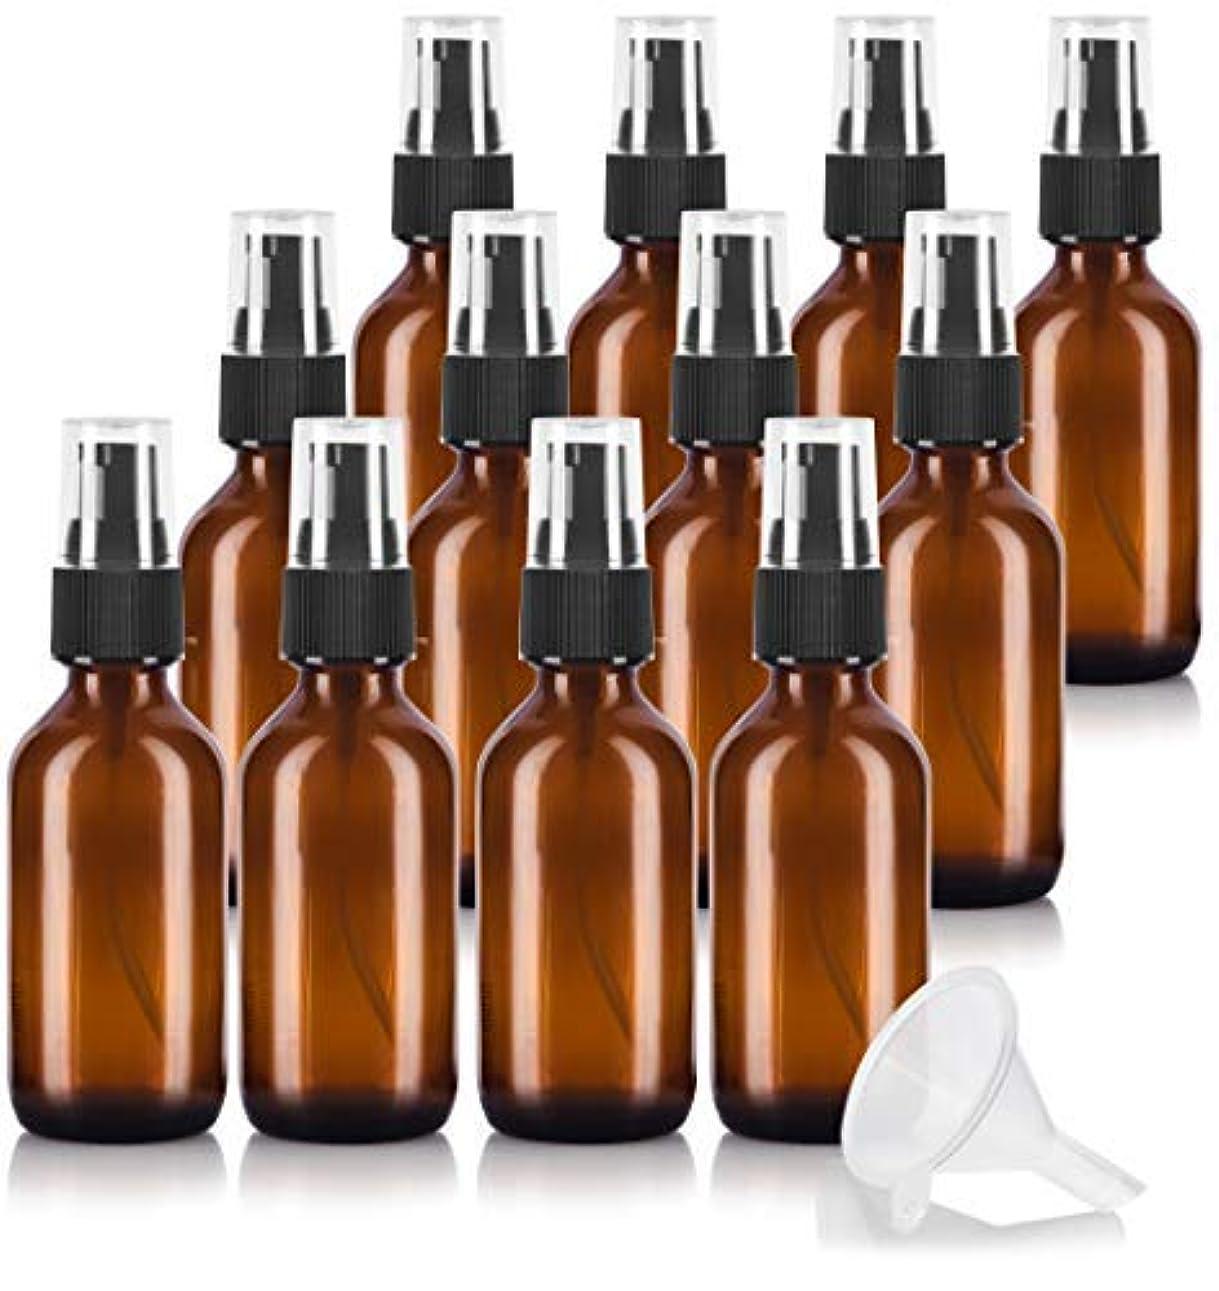 ジャーナルキュービック読みやすい2 oz Amber Glass Boston Round Treatment Pump Bottle (12 pack) + Funnel and Labels for essential oils, aromatherapy, food grade, bpa free [並行輸入品]